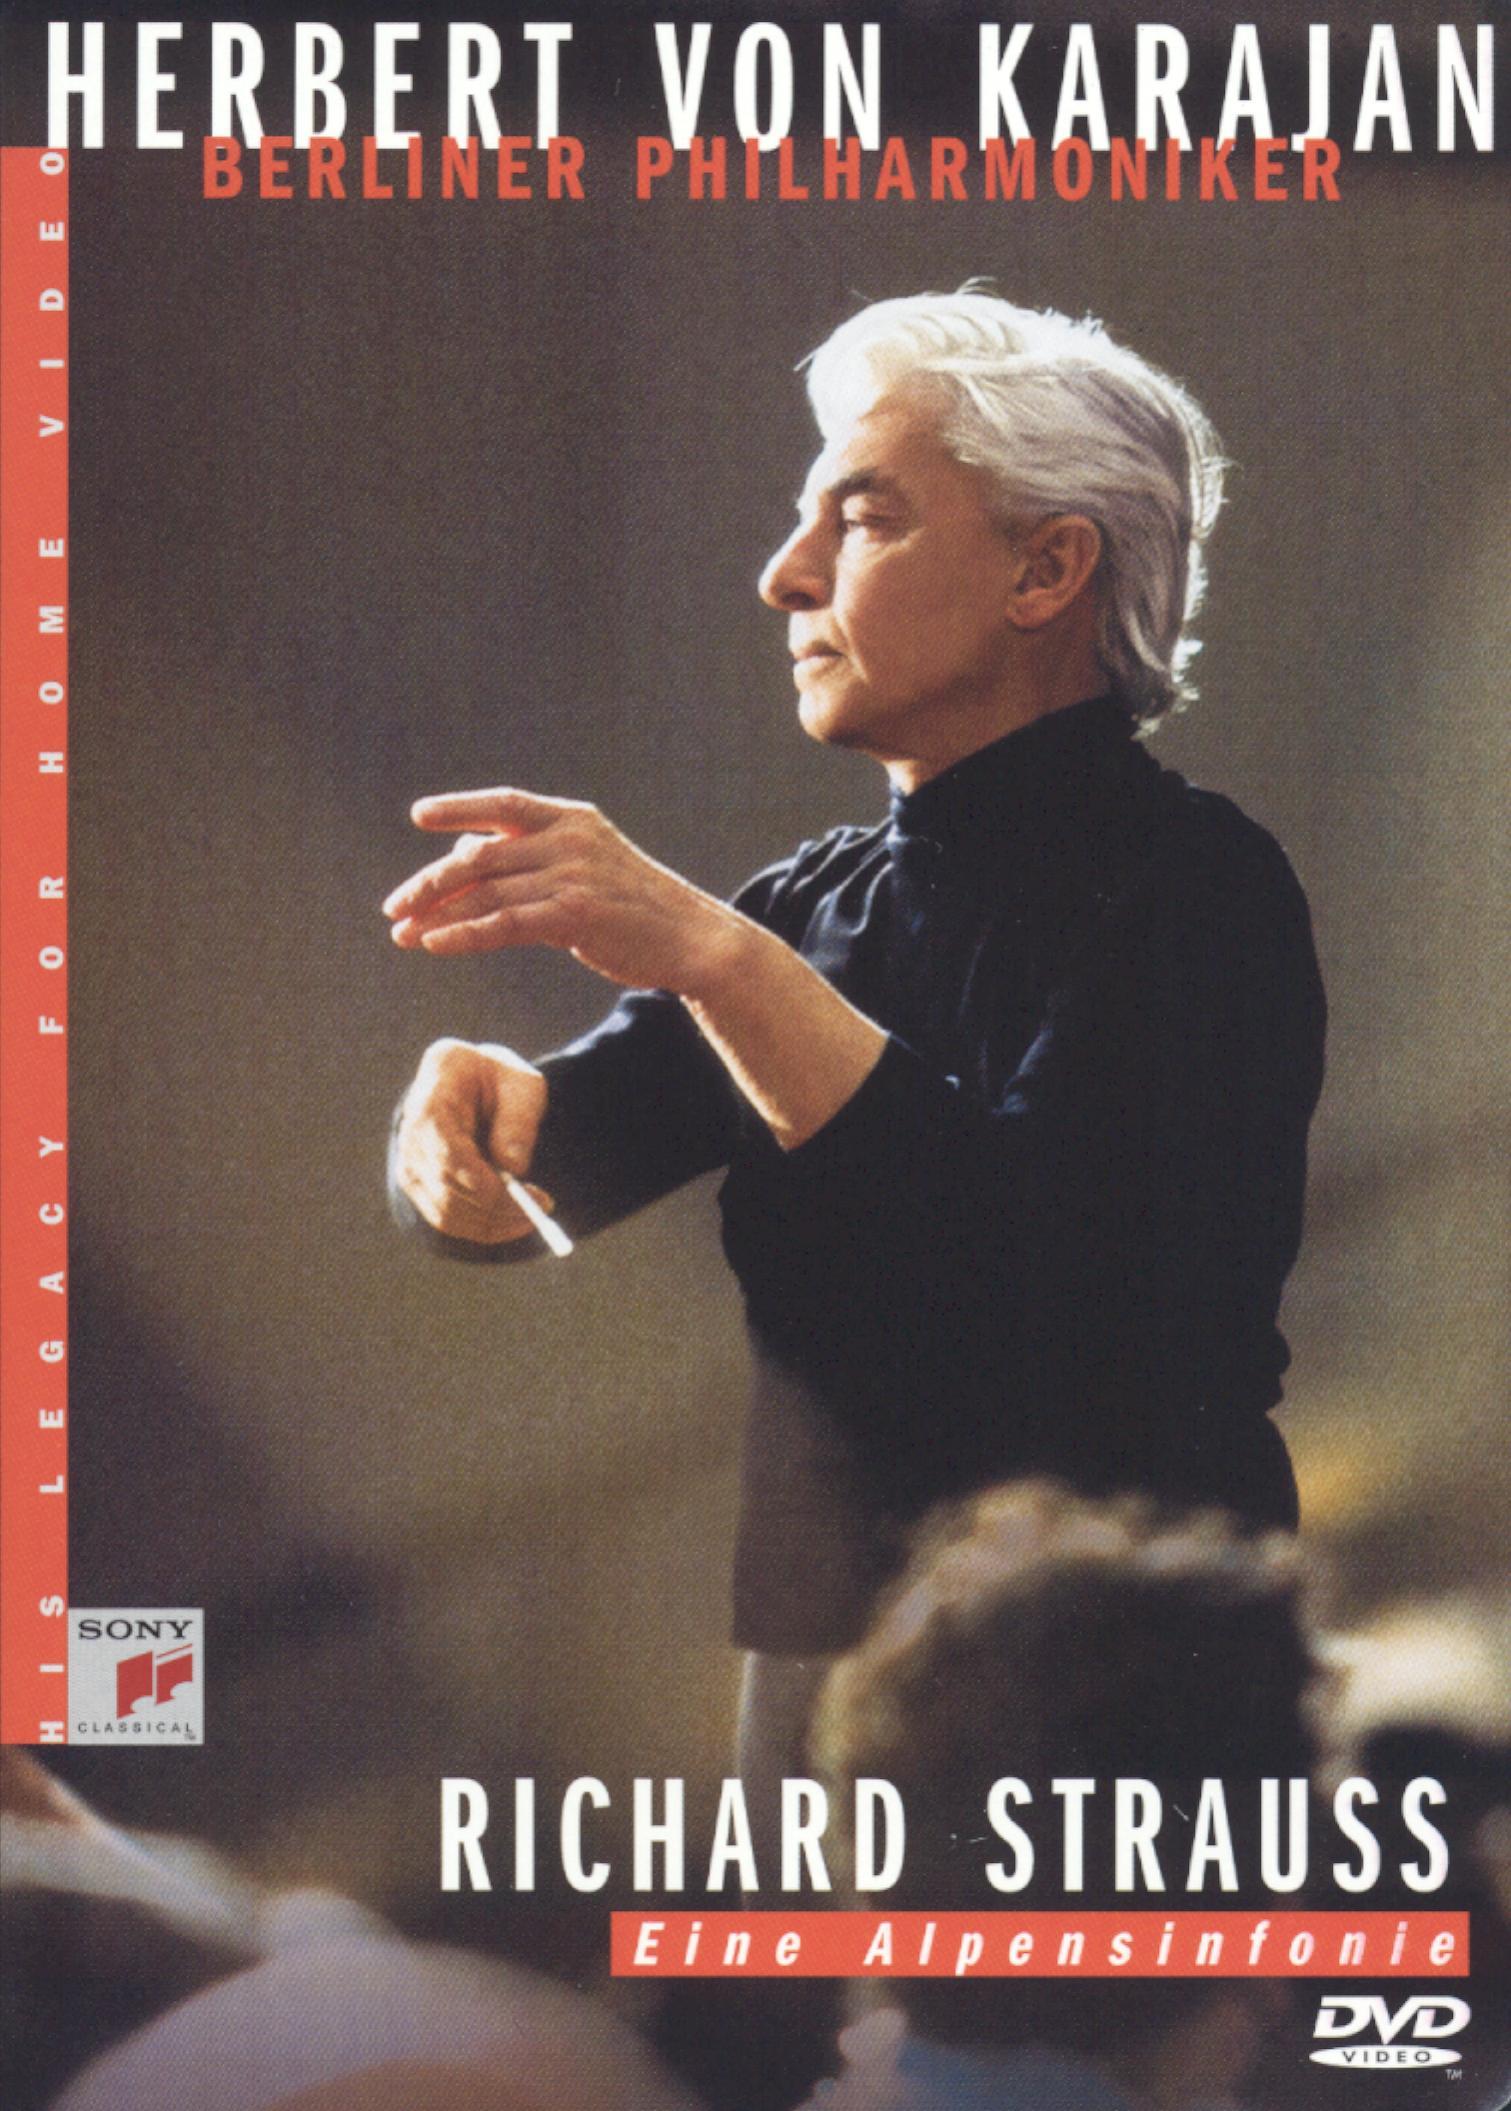 Herbert Von Karajan - His Legacy for Home Video: Eine Alpensinfonie - All Souls Day Concert 1983